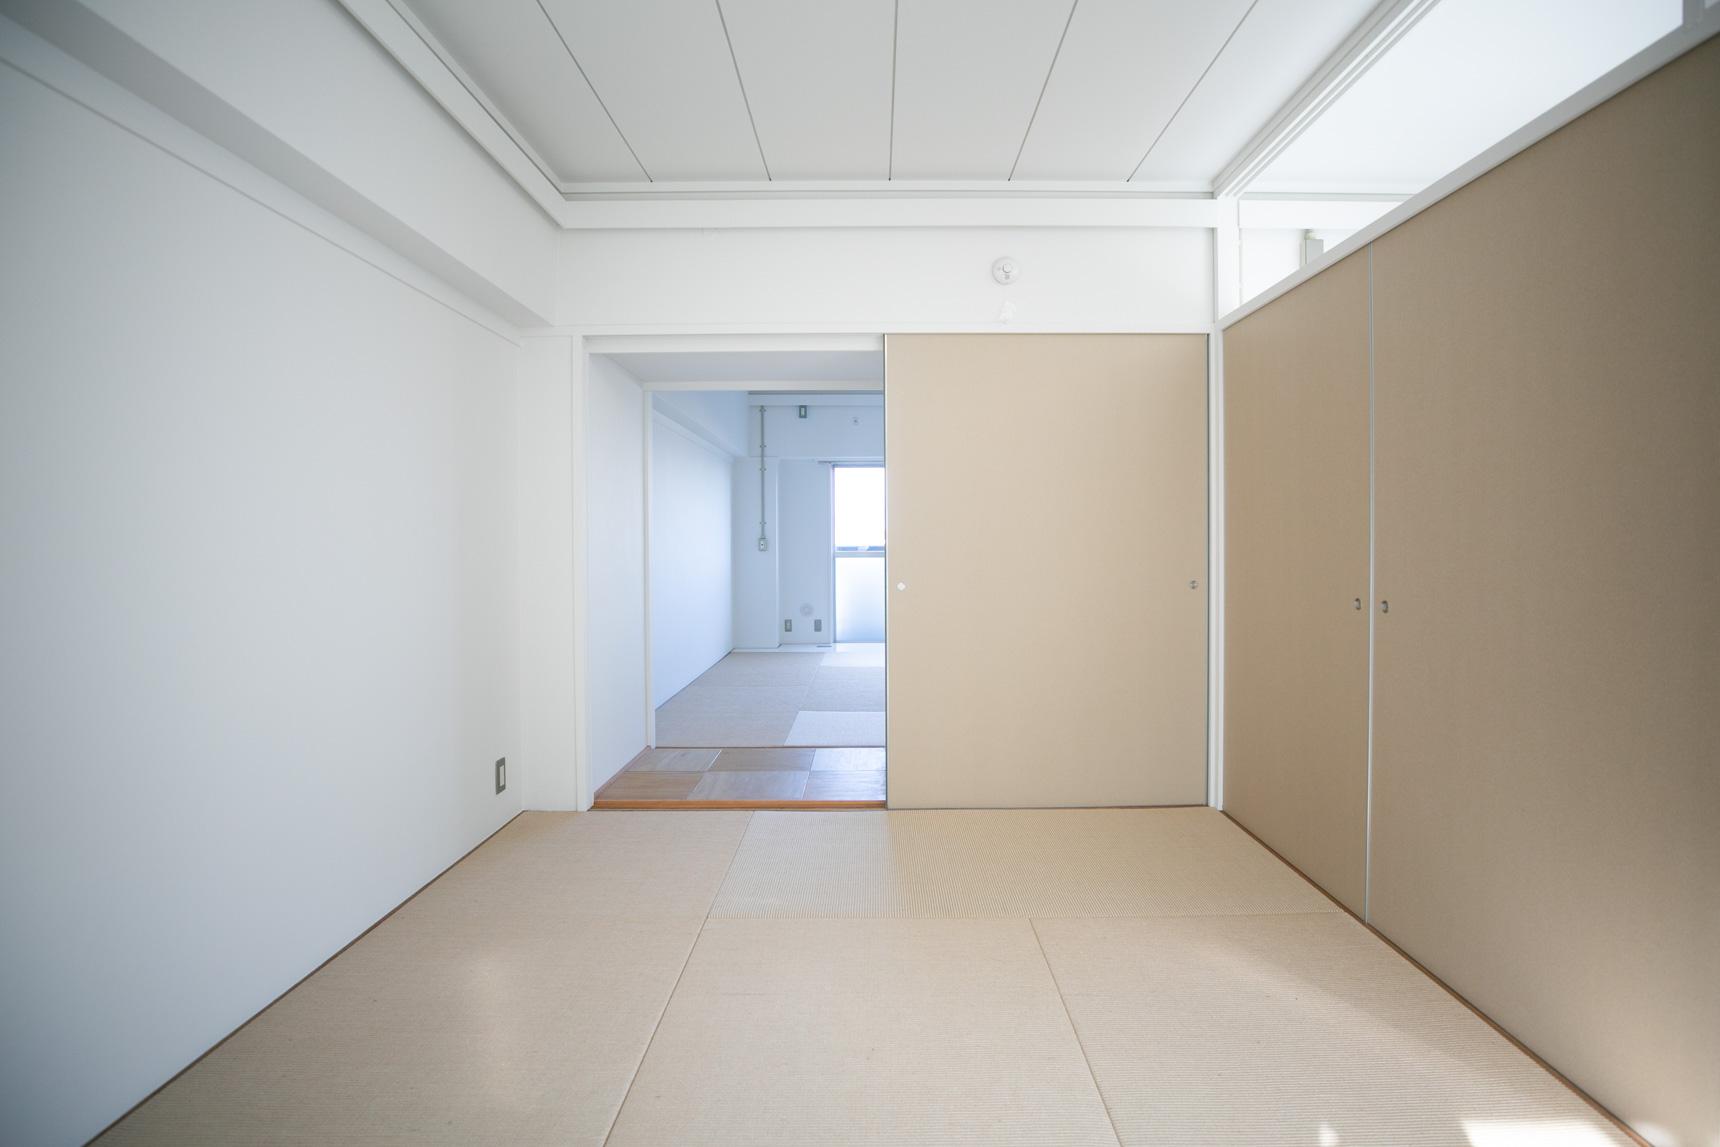 南側と北側の部屋の間にあった押入れは、壁を取り払ってそのまま自由に行き来もできるように。